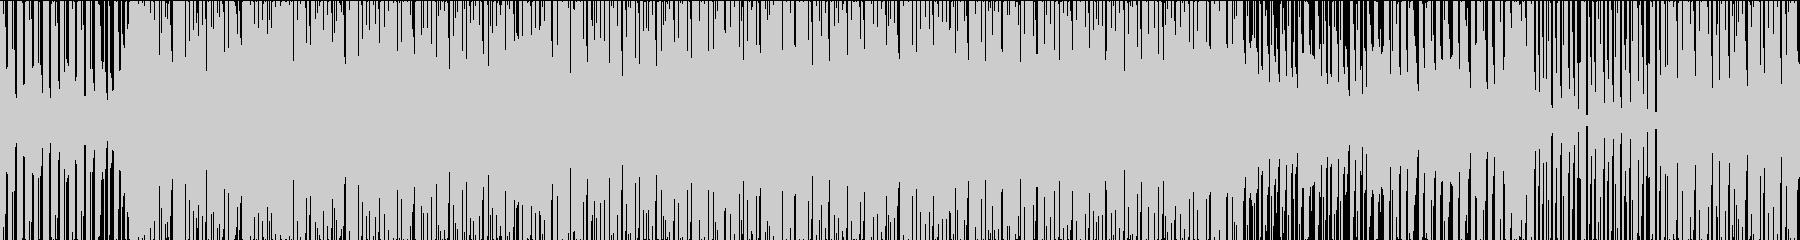 ワクワクするエレクトロポップの未再生の波形